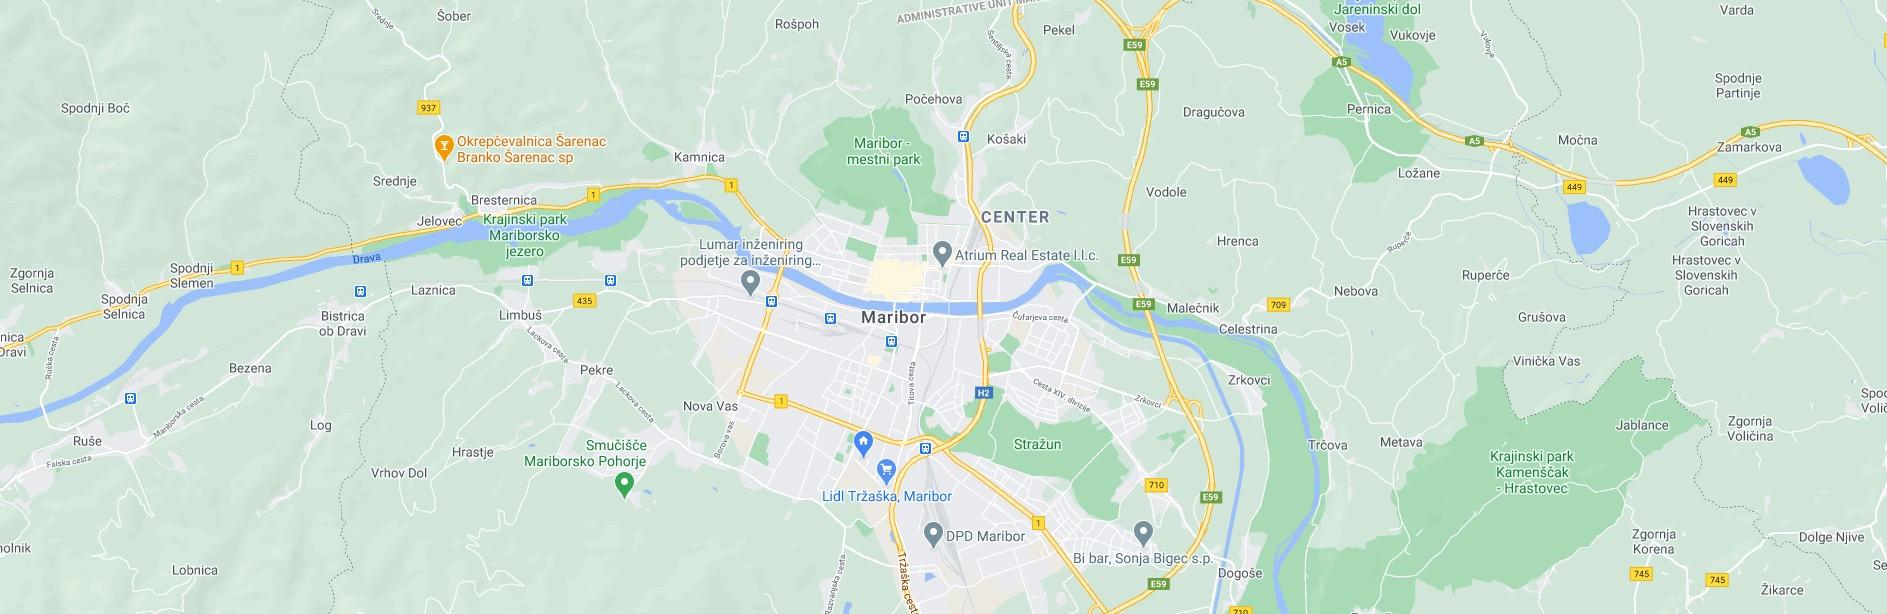 zemljevid-adin